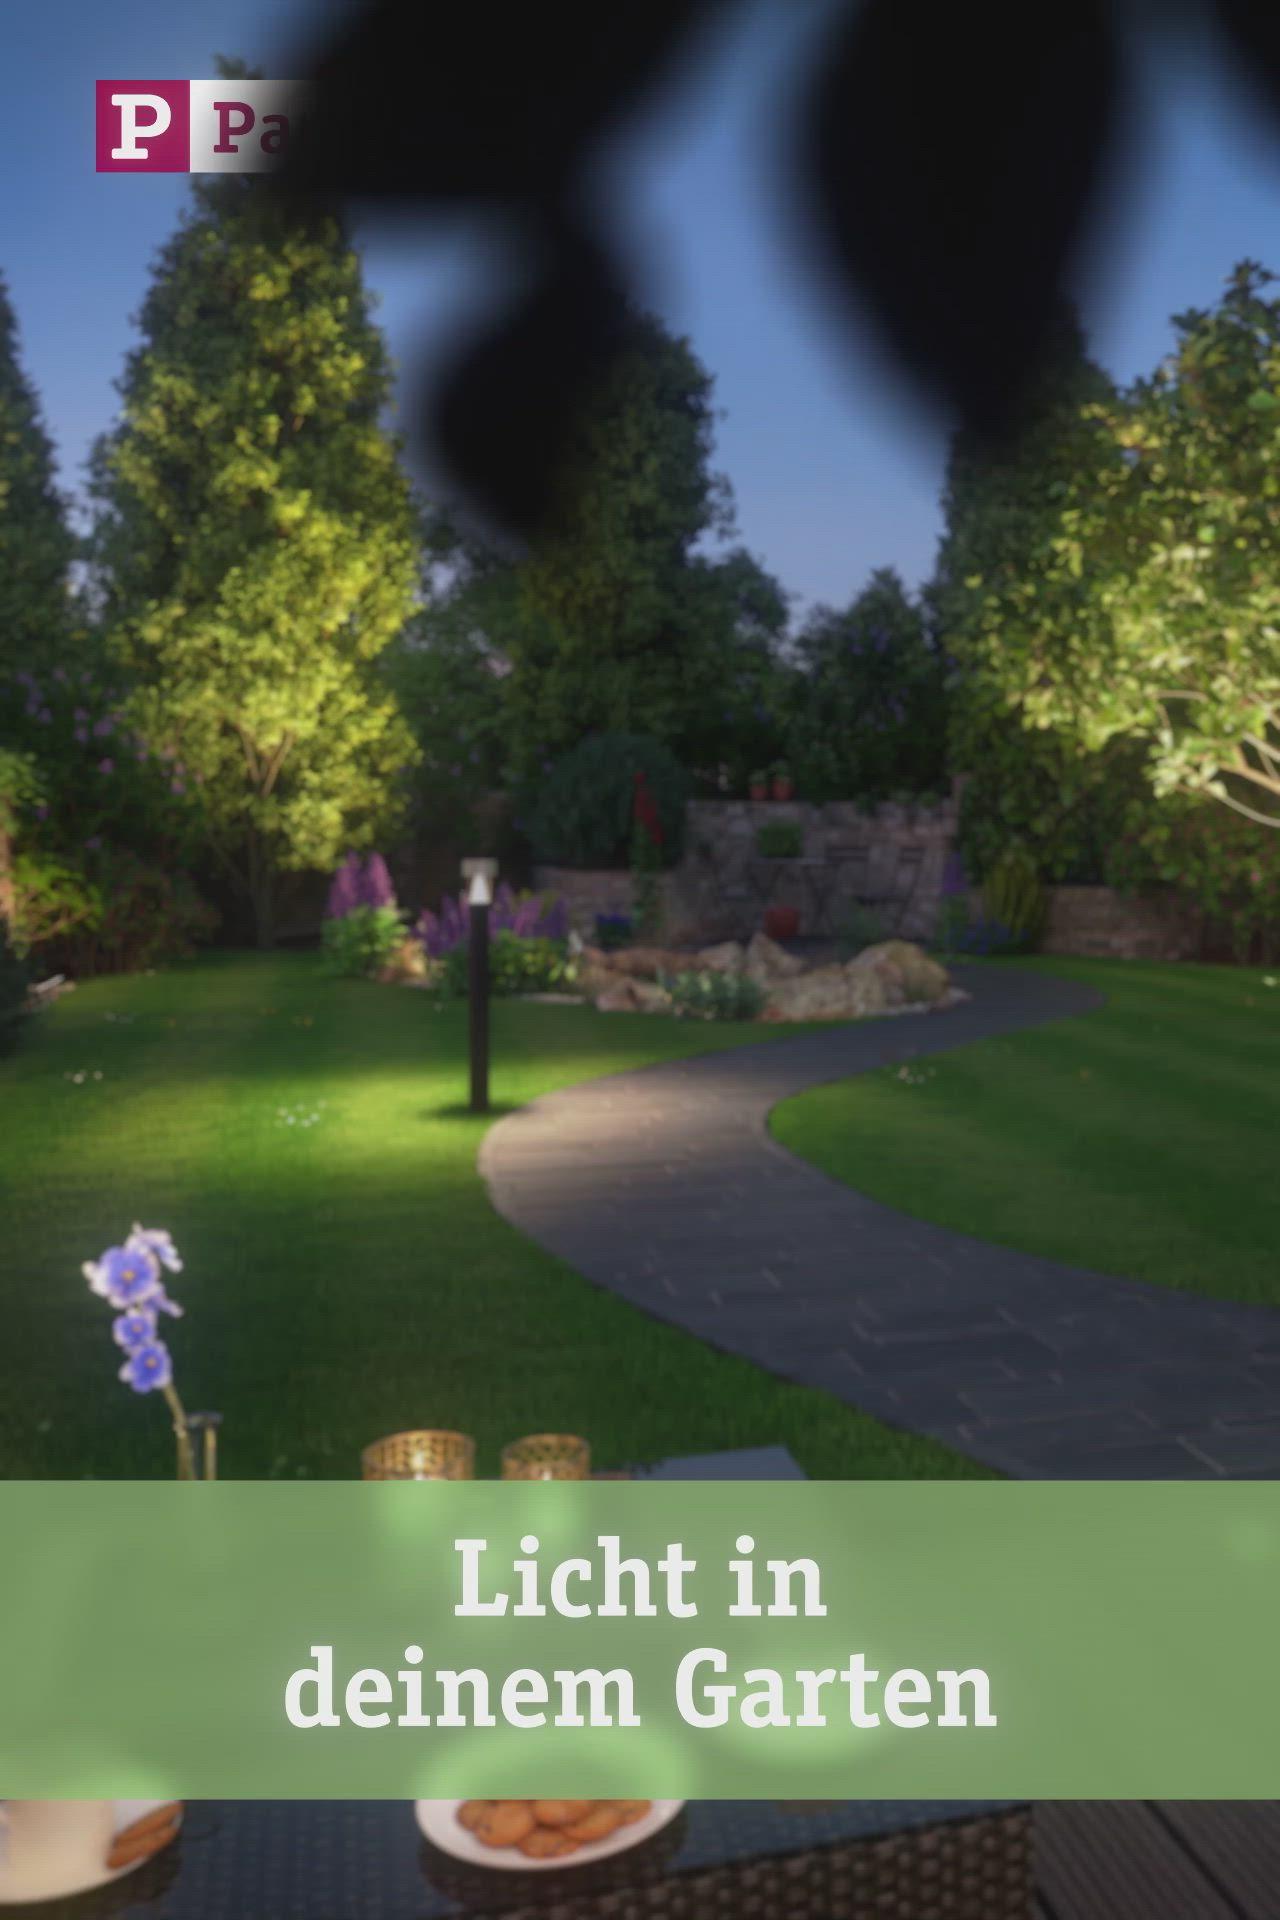 Sitzecken Im Garten Mit überdachung Einzigartig Die 72 Besten Bilder Von Garten Und Außenbeleuchtung In